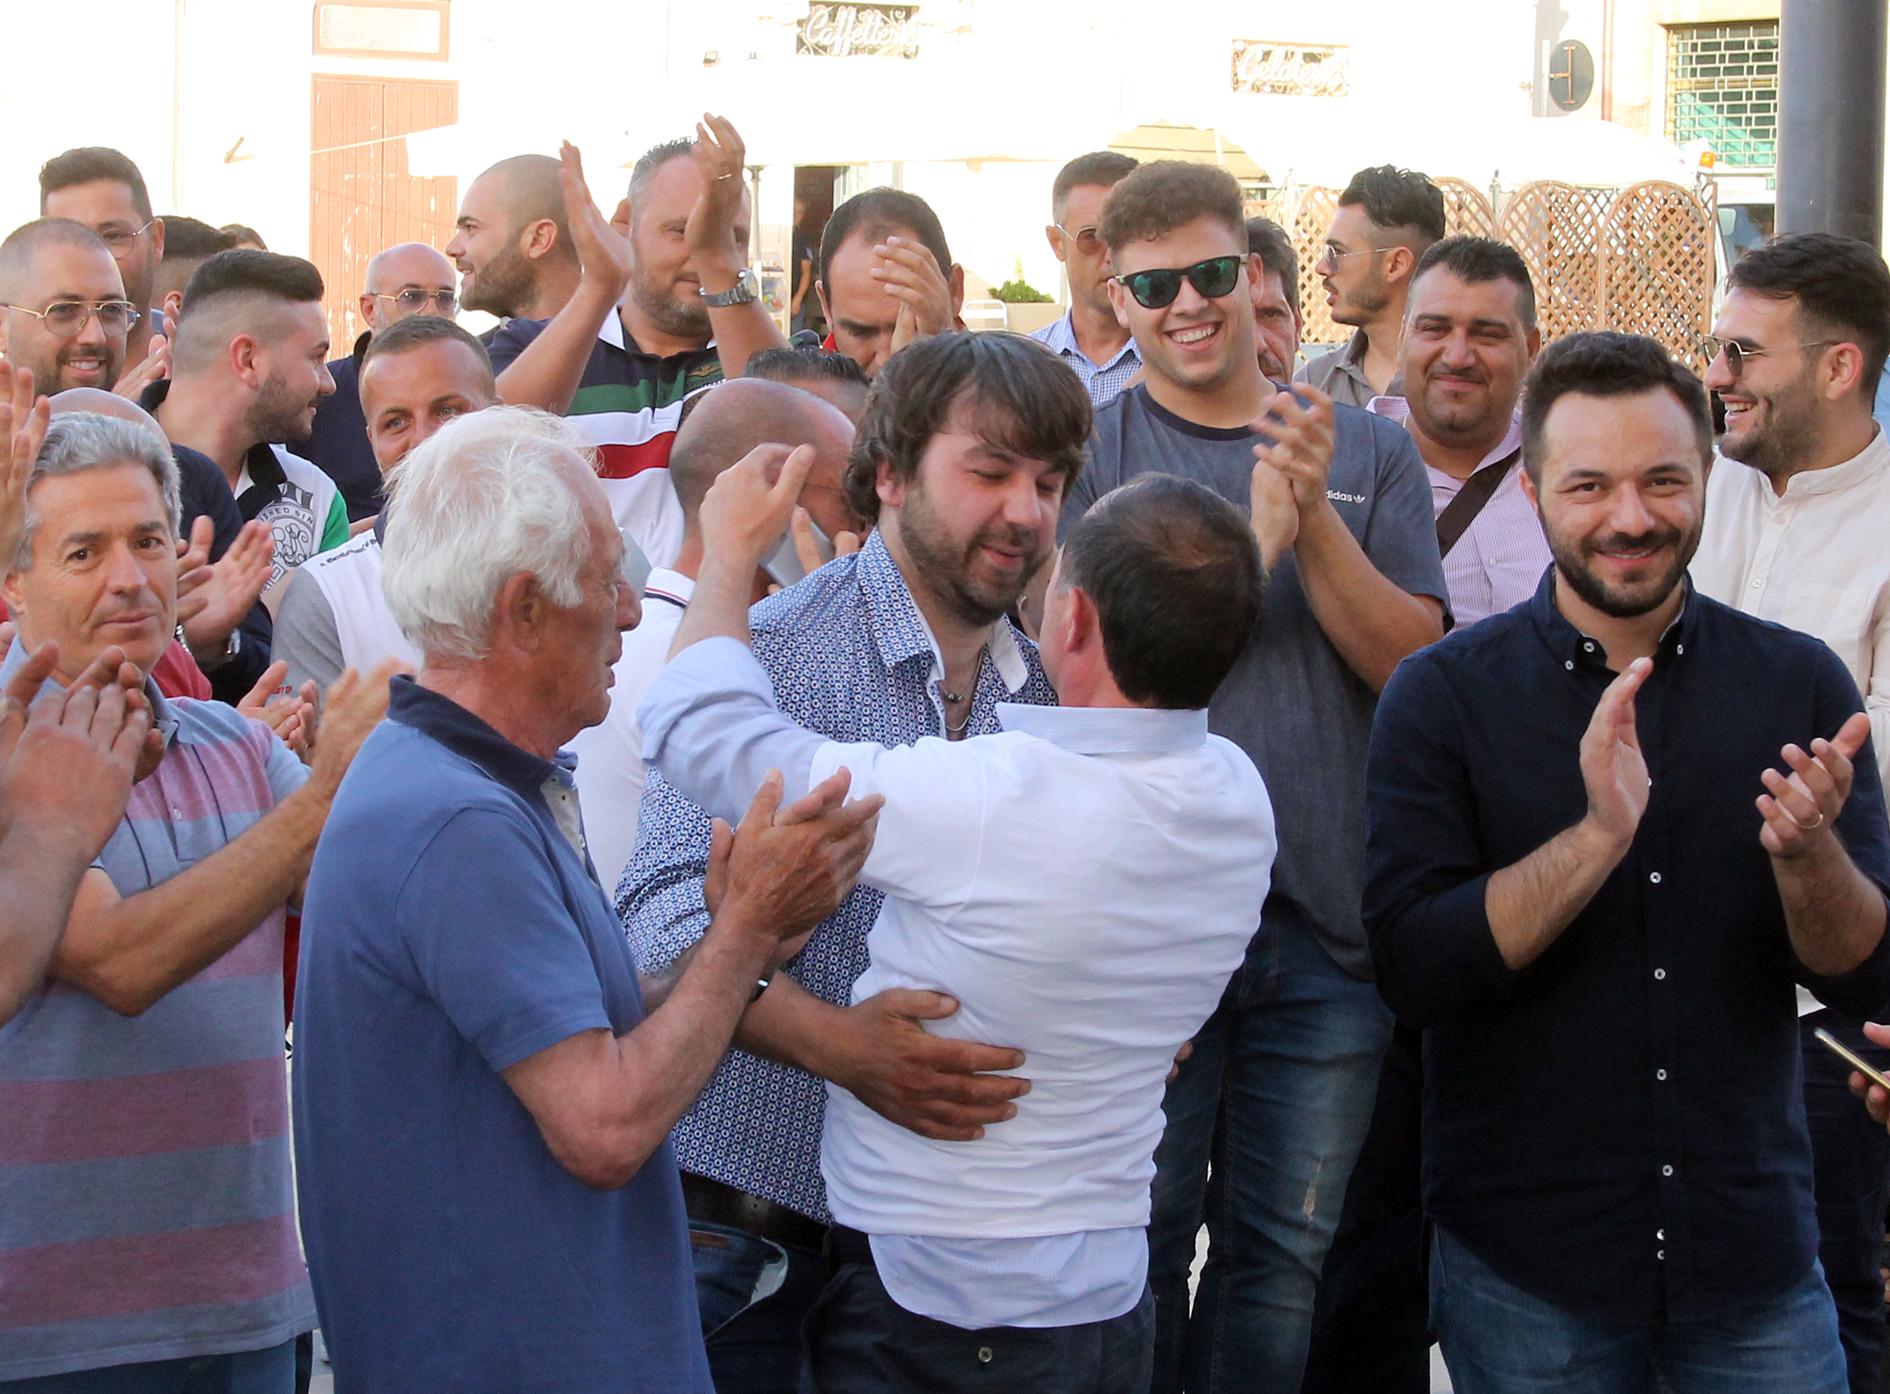 Governo cittadino a Rosolini, c'è l'accordo tra il sindaco e la coalizione